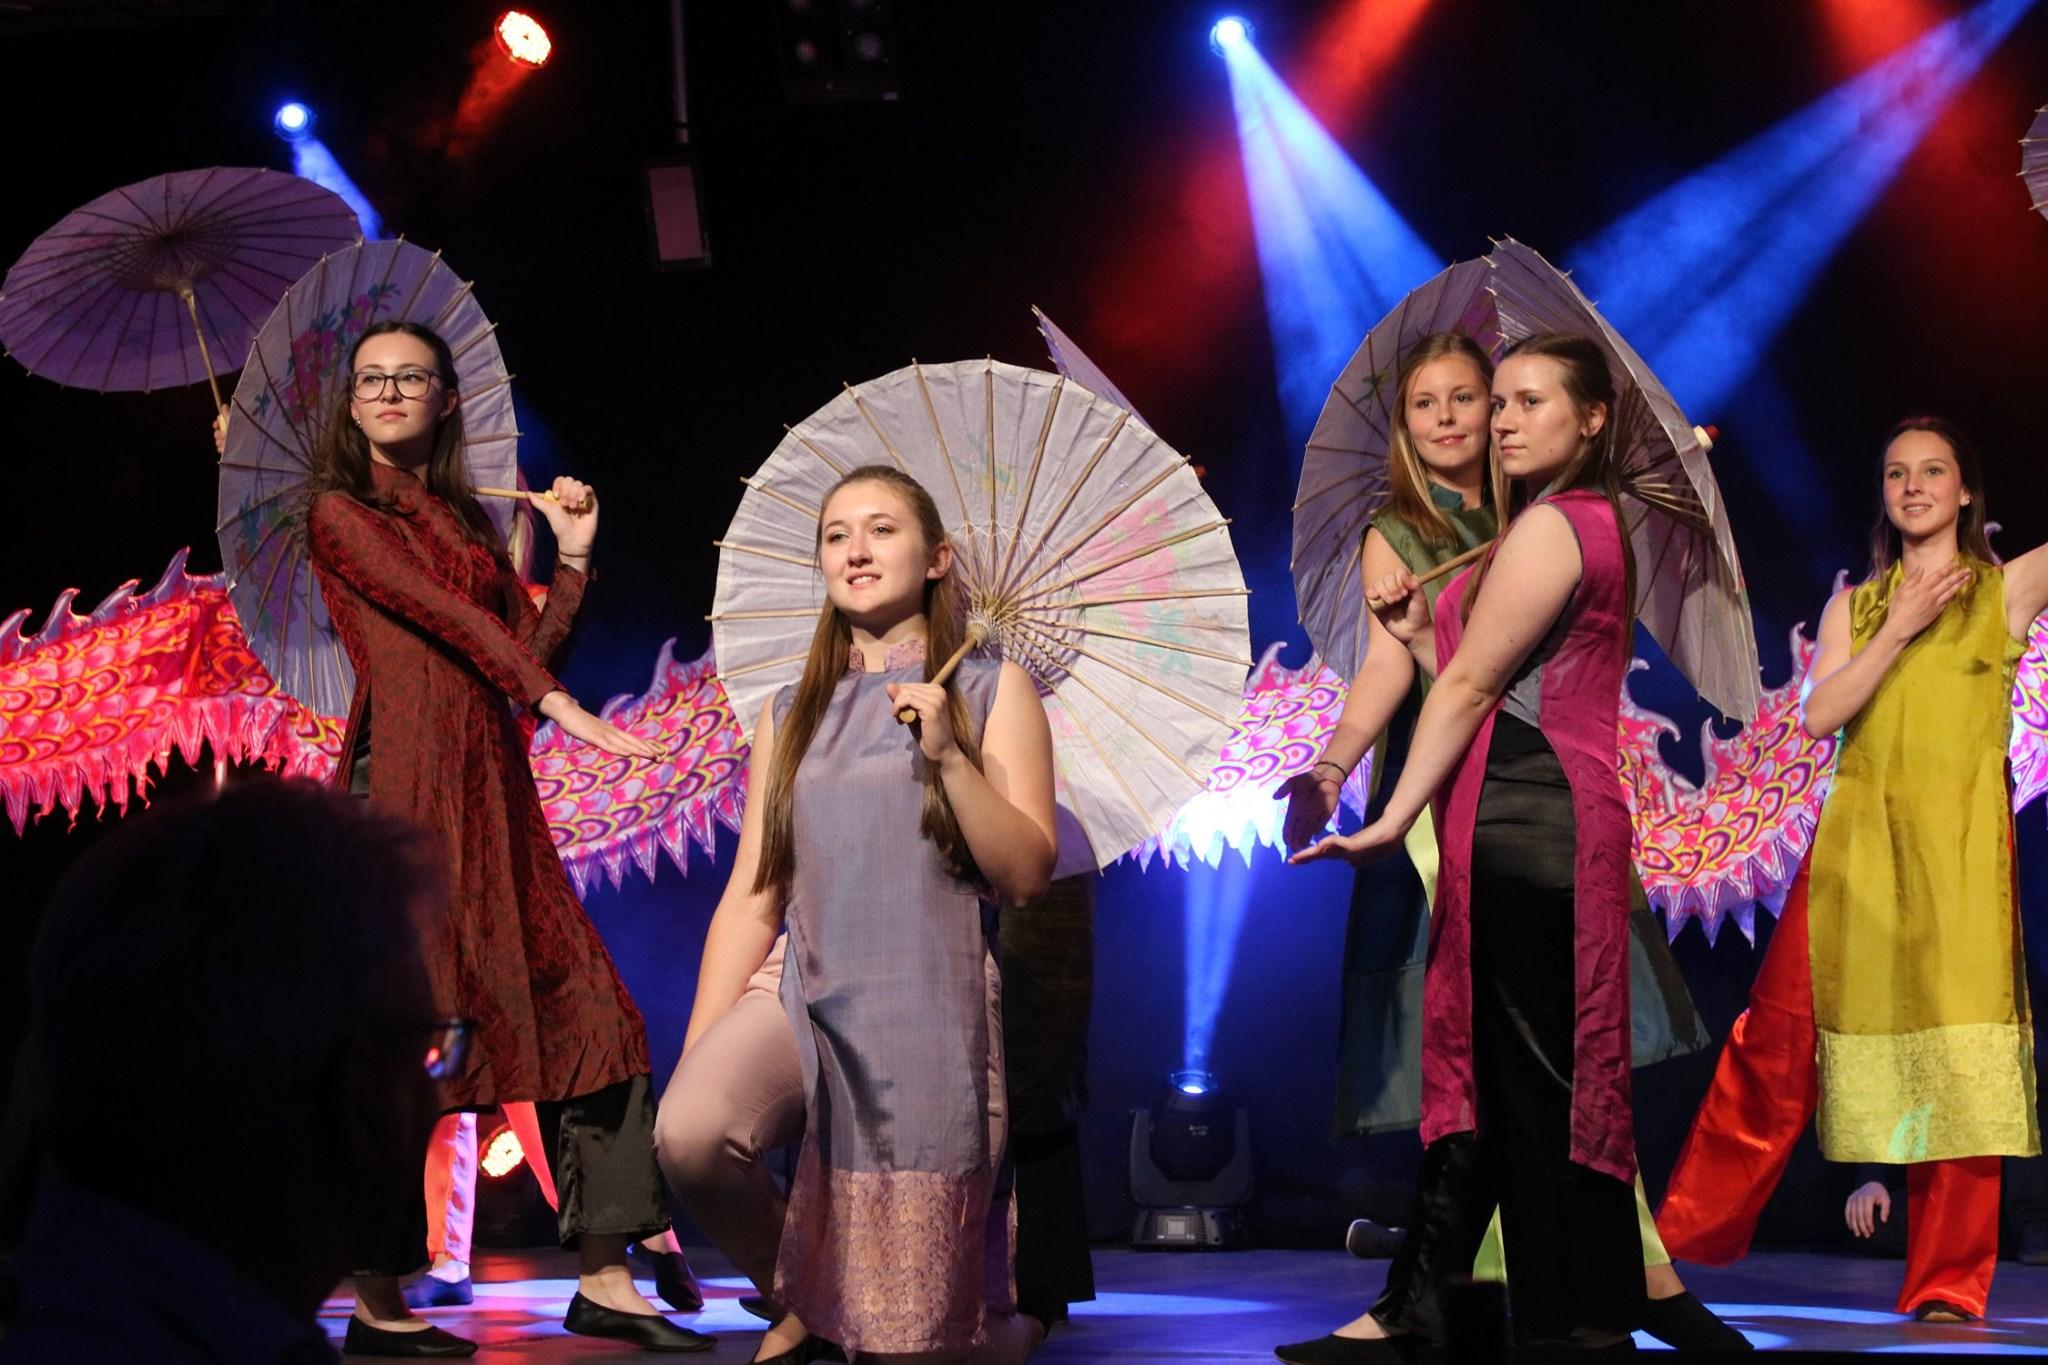 Winzertanzgruppe Leiwen feiert Jubiläum